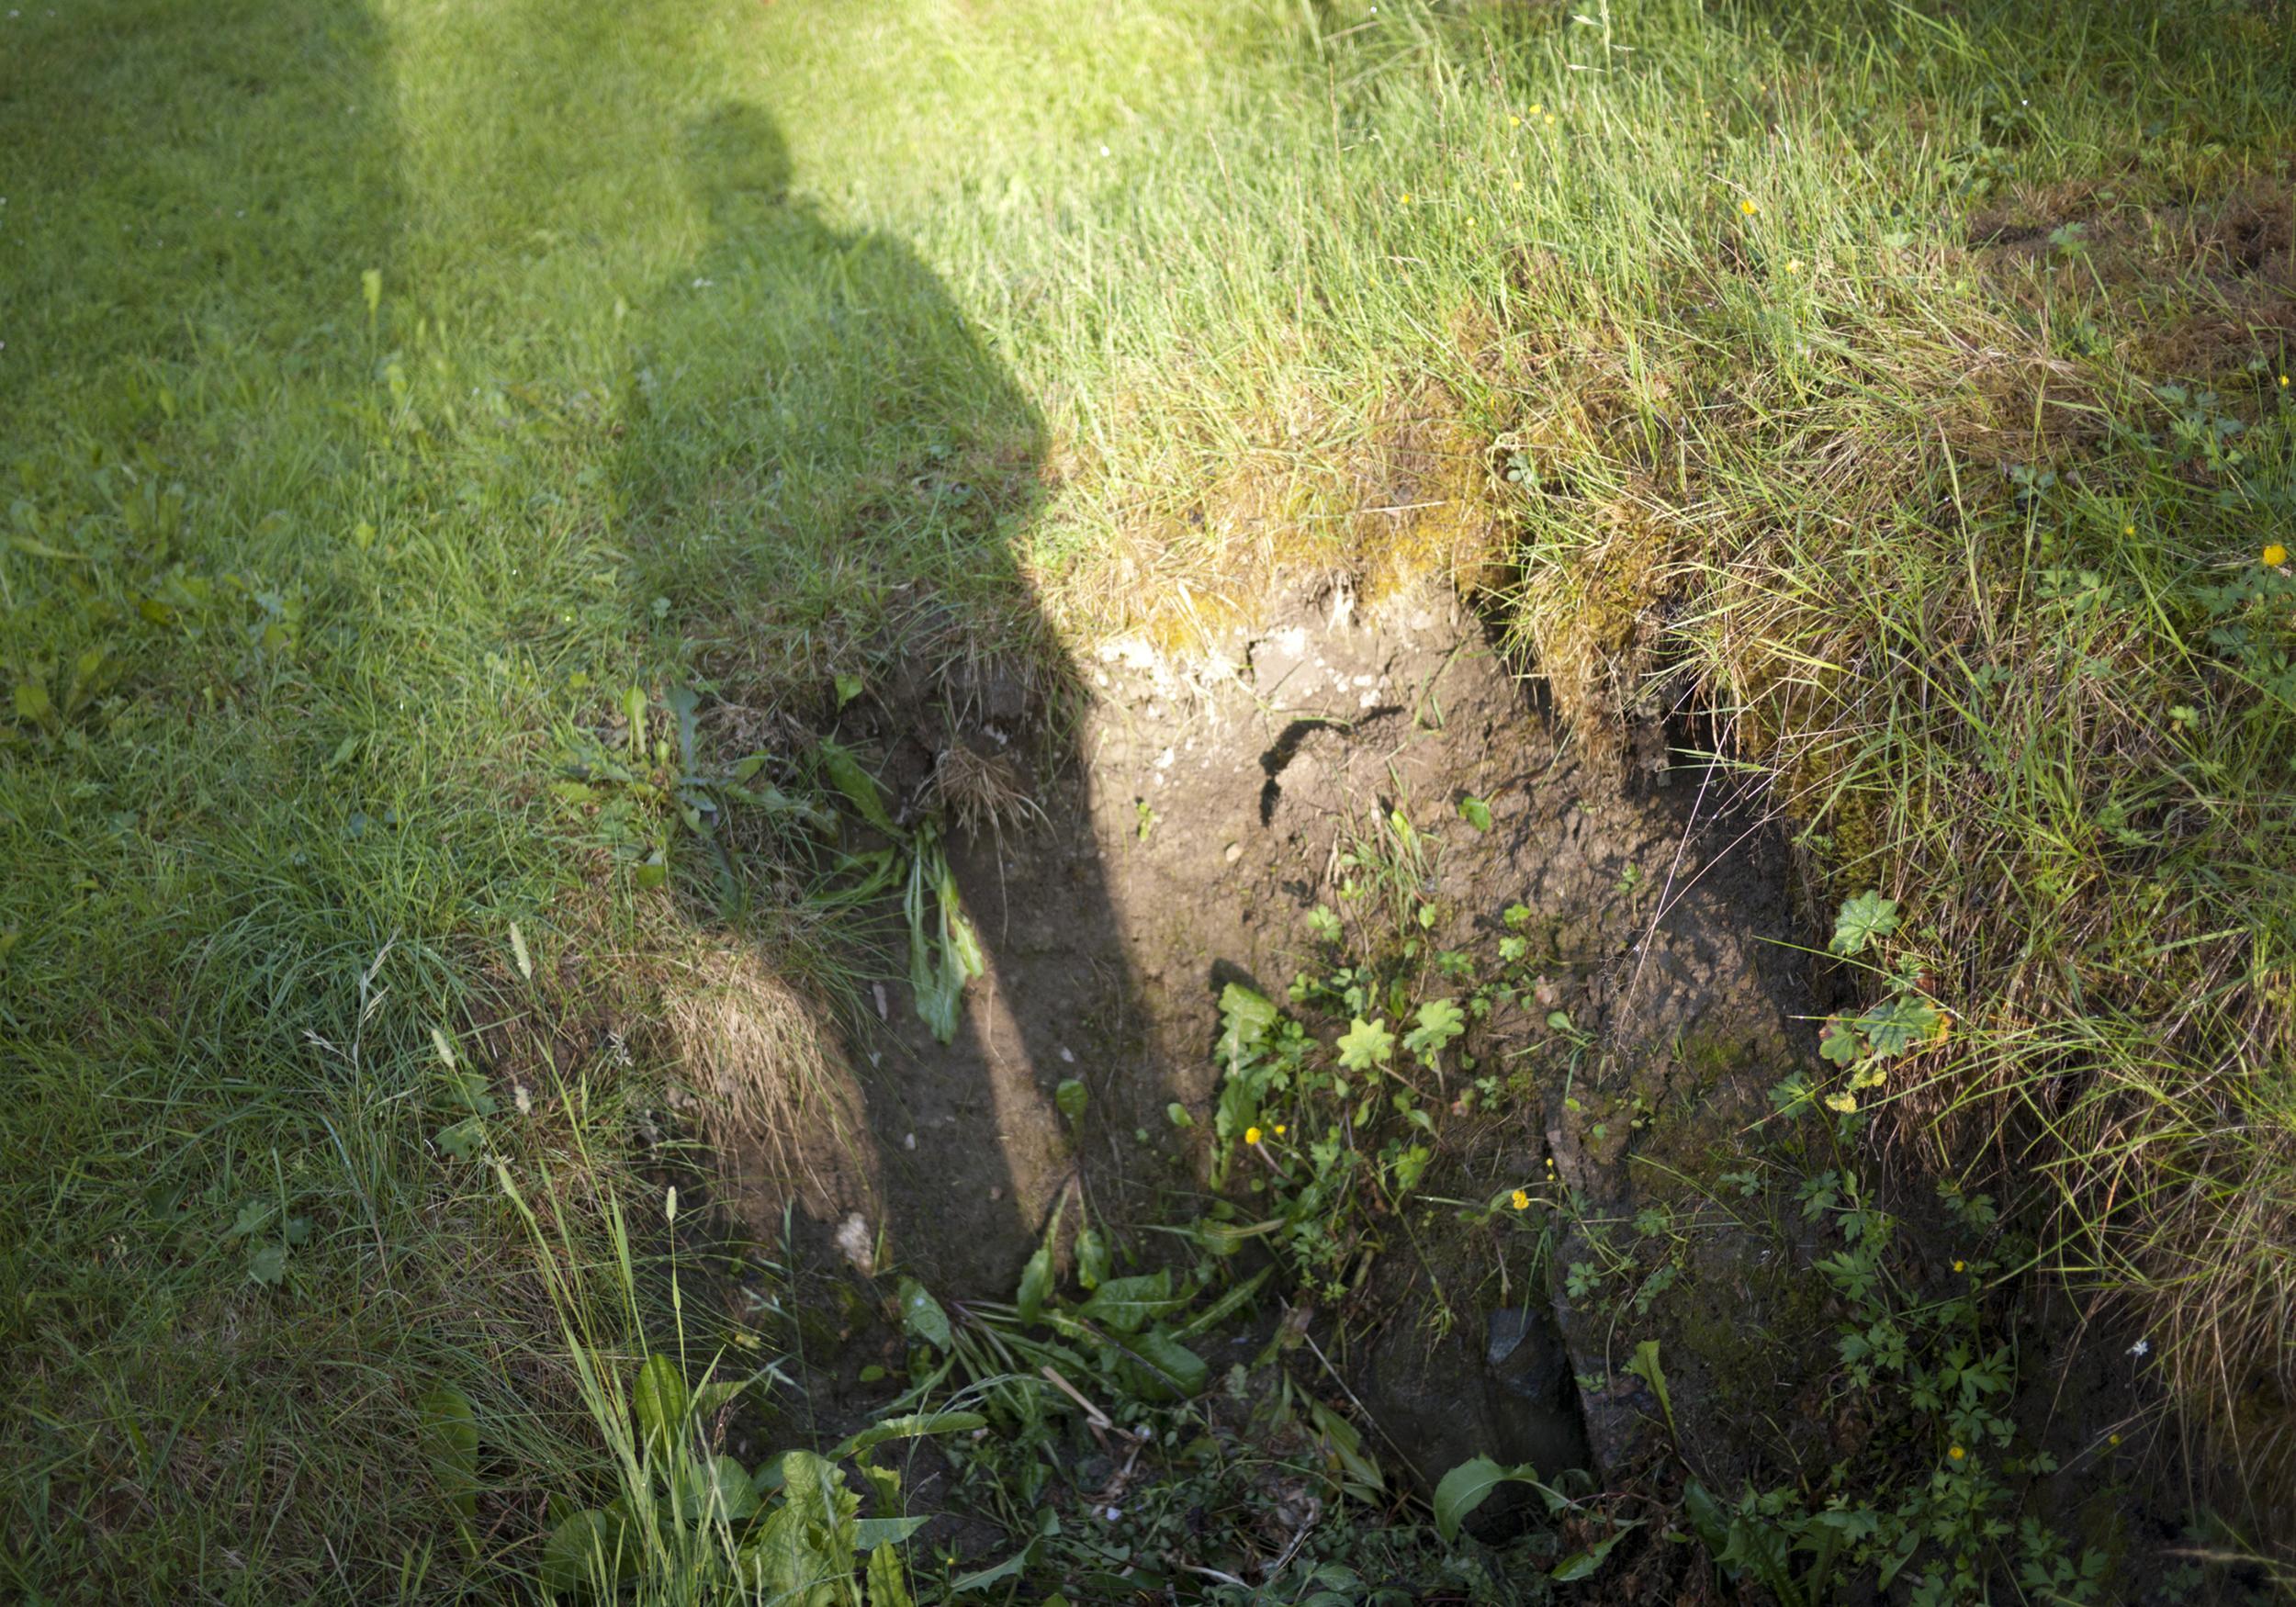 19_20110624_SWEDEN_0299.jpg